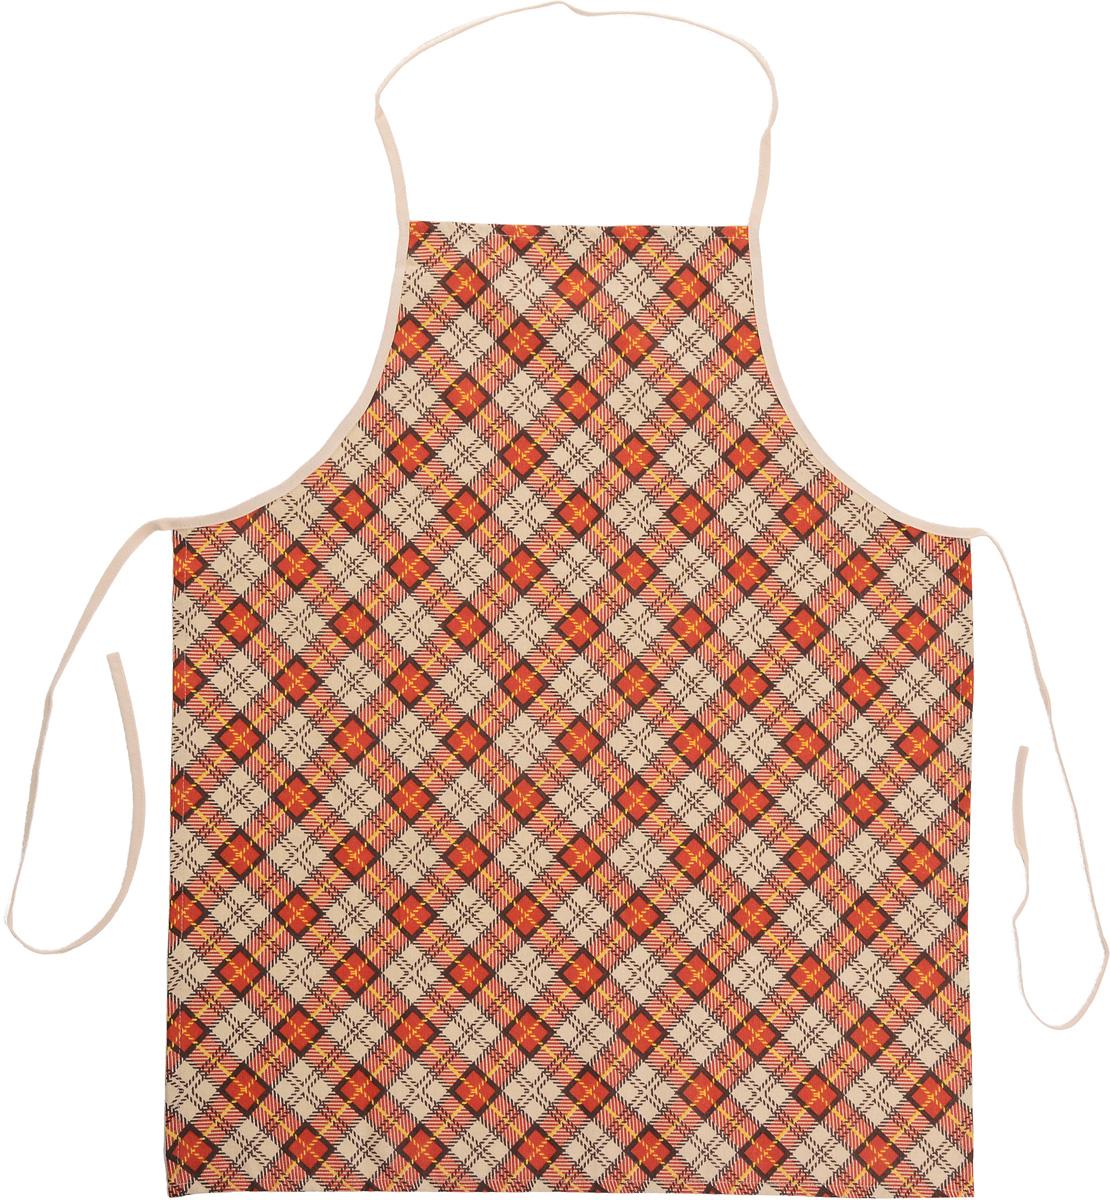 """Фартук Bonita """"Принц Уэльский"""" изготовлен из натурального хлопка с покрытием, которое отталкивает грязь, воду и масло. Фартук оснащен завязками. Имеет универсальный размер. Декорирован красивым принтом в клетку, который понравится любой хозяйке.  Такой фартук поможет вам избежать попадания еды на одежду во время приготовления пищи.  Кухня - это сердце дома, где вся семья собирается вместе. Она бережно хранит и поддерживает жизнь домашнего очага, который нас согревает. Именно поэтому так важно создать здесь атмосферу, которая не только возбудит аппетит, но и наполнит жизненной энергией.  С текстилем """"Bonita"""" открывается возможность не только каждый день дарить кухне новый облик, но и создавать настоящие кулинарные шедевры. """"Bonita"""" станет незаменимым помощником и идейным вдохновителем, создающим вкусное настроение на вашей кухне."""